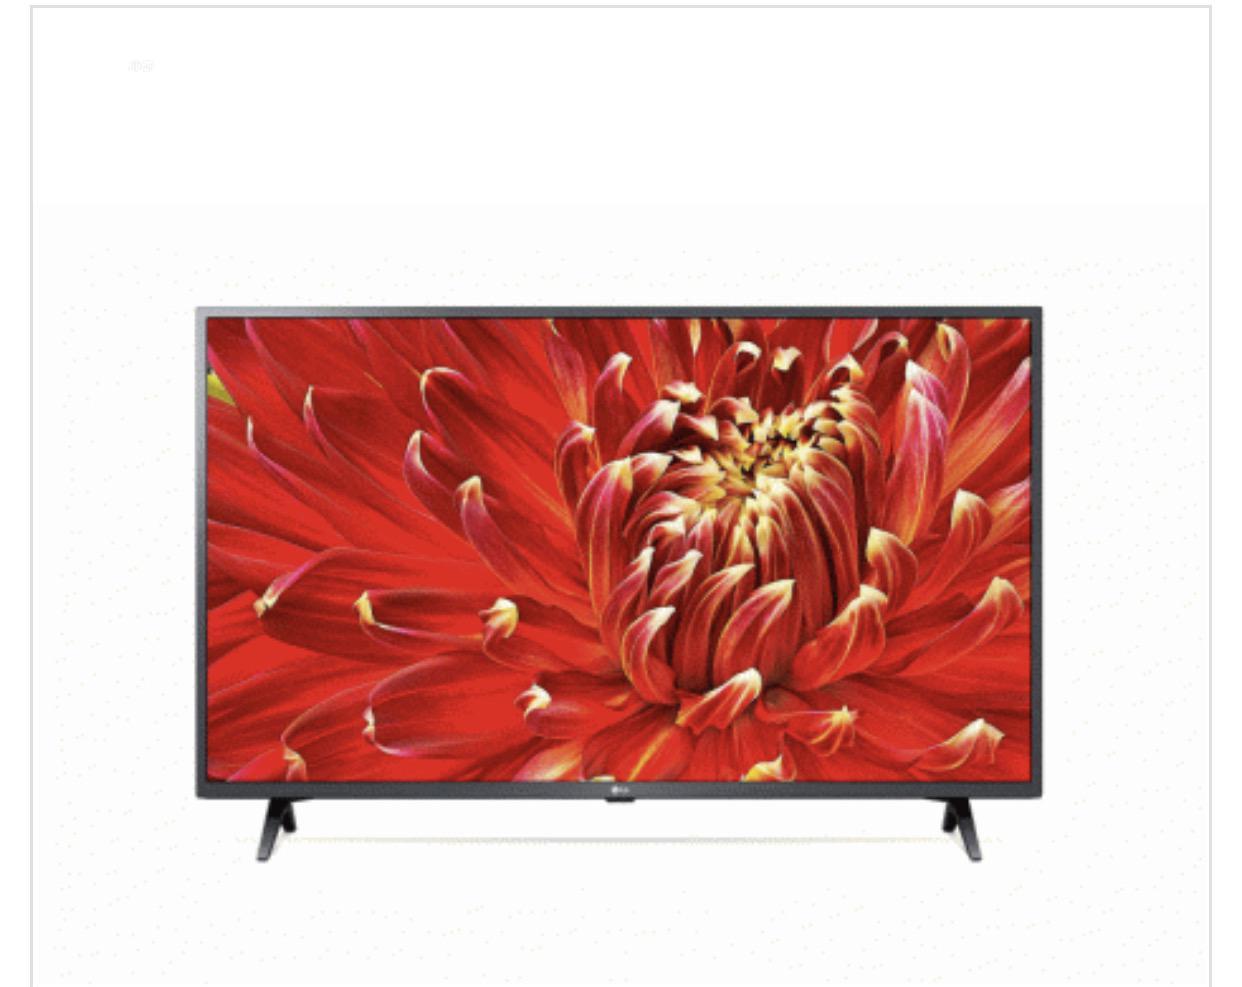 LG LED Smart TV 43 Inch Lm6300 Series Full HD Hdr Smart LED TV